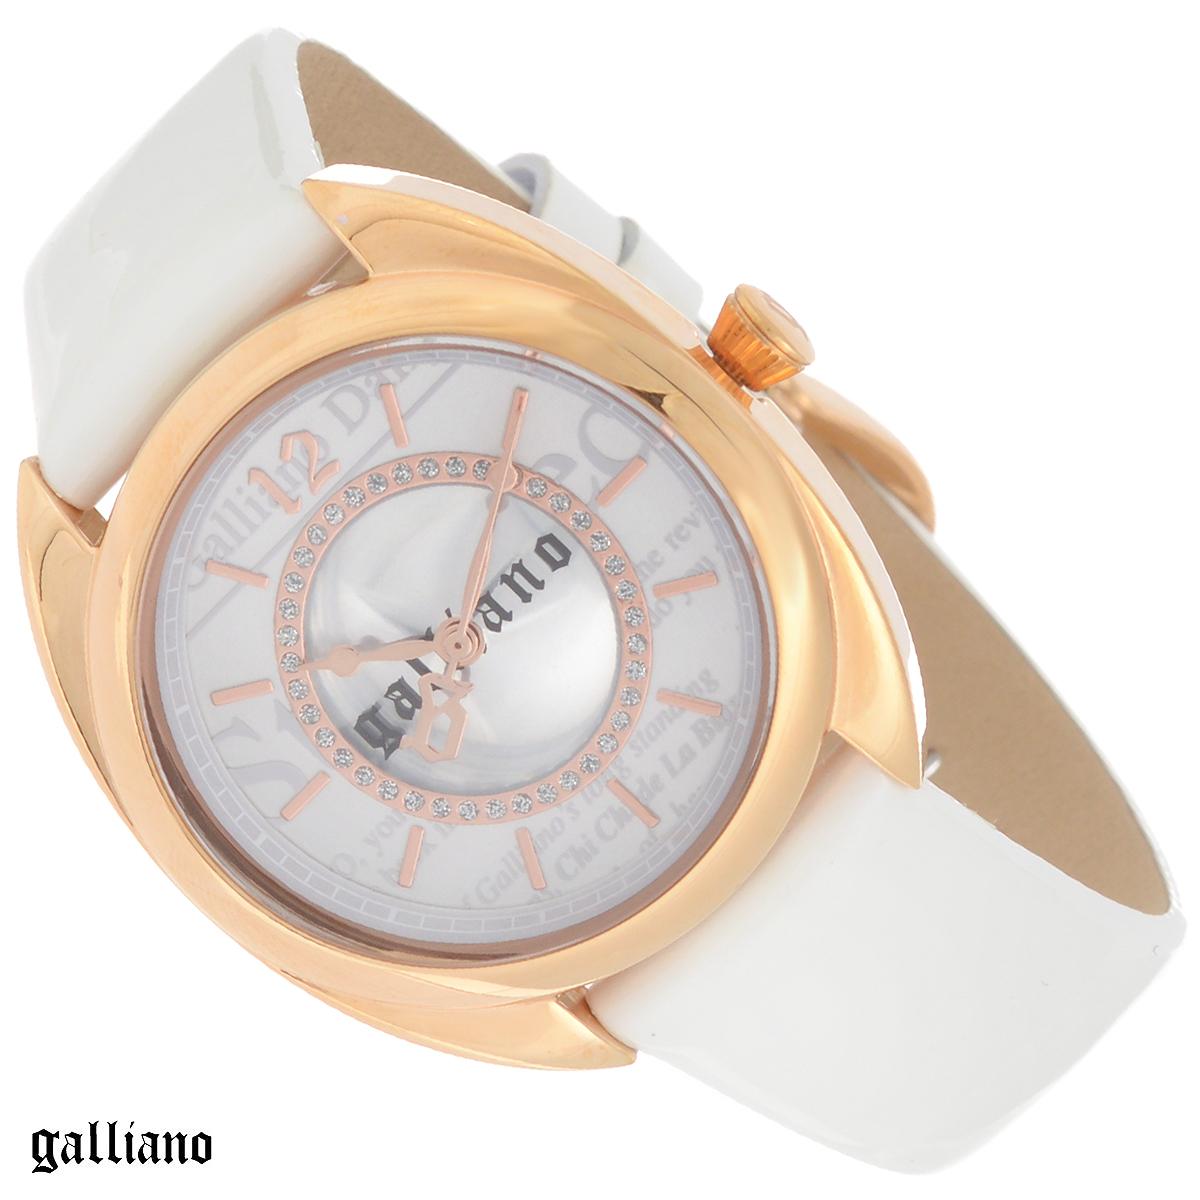 Часы женские наручные Galliano, цвет: белый, золотой. R2551111503R2551111503Наручные женские часы Galliano оснащены кварцевым механизмом. Корпус выполнен из высококачественной нержавеющей стали с PVD-покрытием. Циферблат с арабскими цифрами и отметками декорирован кристаллами и защищен сапфировым стеклом. Часы имеют три стрелки - часовую, минутную и секундную. Ремешок часов выполнен из натуральной кожи и оснащен классической застежкой. Часы укомплектованы паспортом с подробной инструкцией. Часы Galliano благодаря своему великолепному дизайну и качеству исполнения станут главным акцентом вашего образа. Характеристики: Диаметр циферблата: 2,8 см. Размер корпуса: 3,4 см х 3,4 см х 0,9 см. Длина ремешка (с корпусом): 20,5 см. Ширина ремешка: 1,7 см.